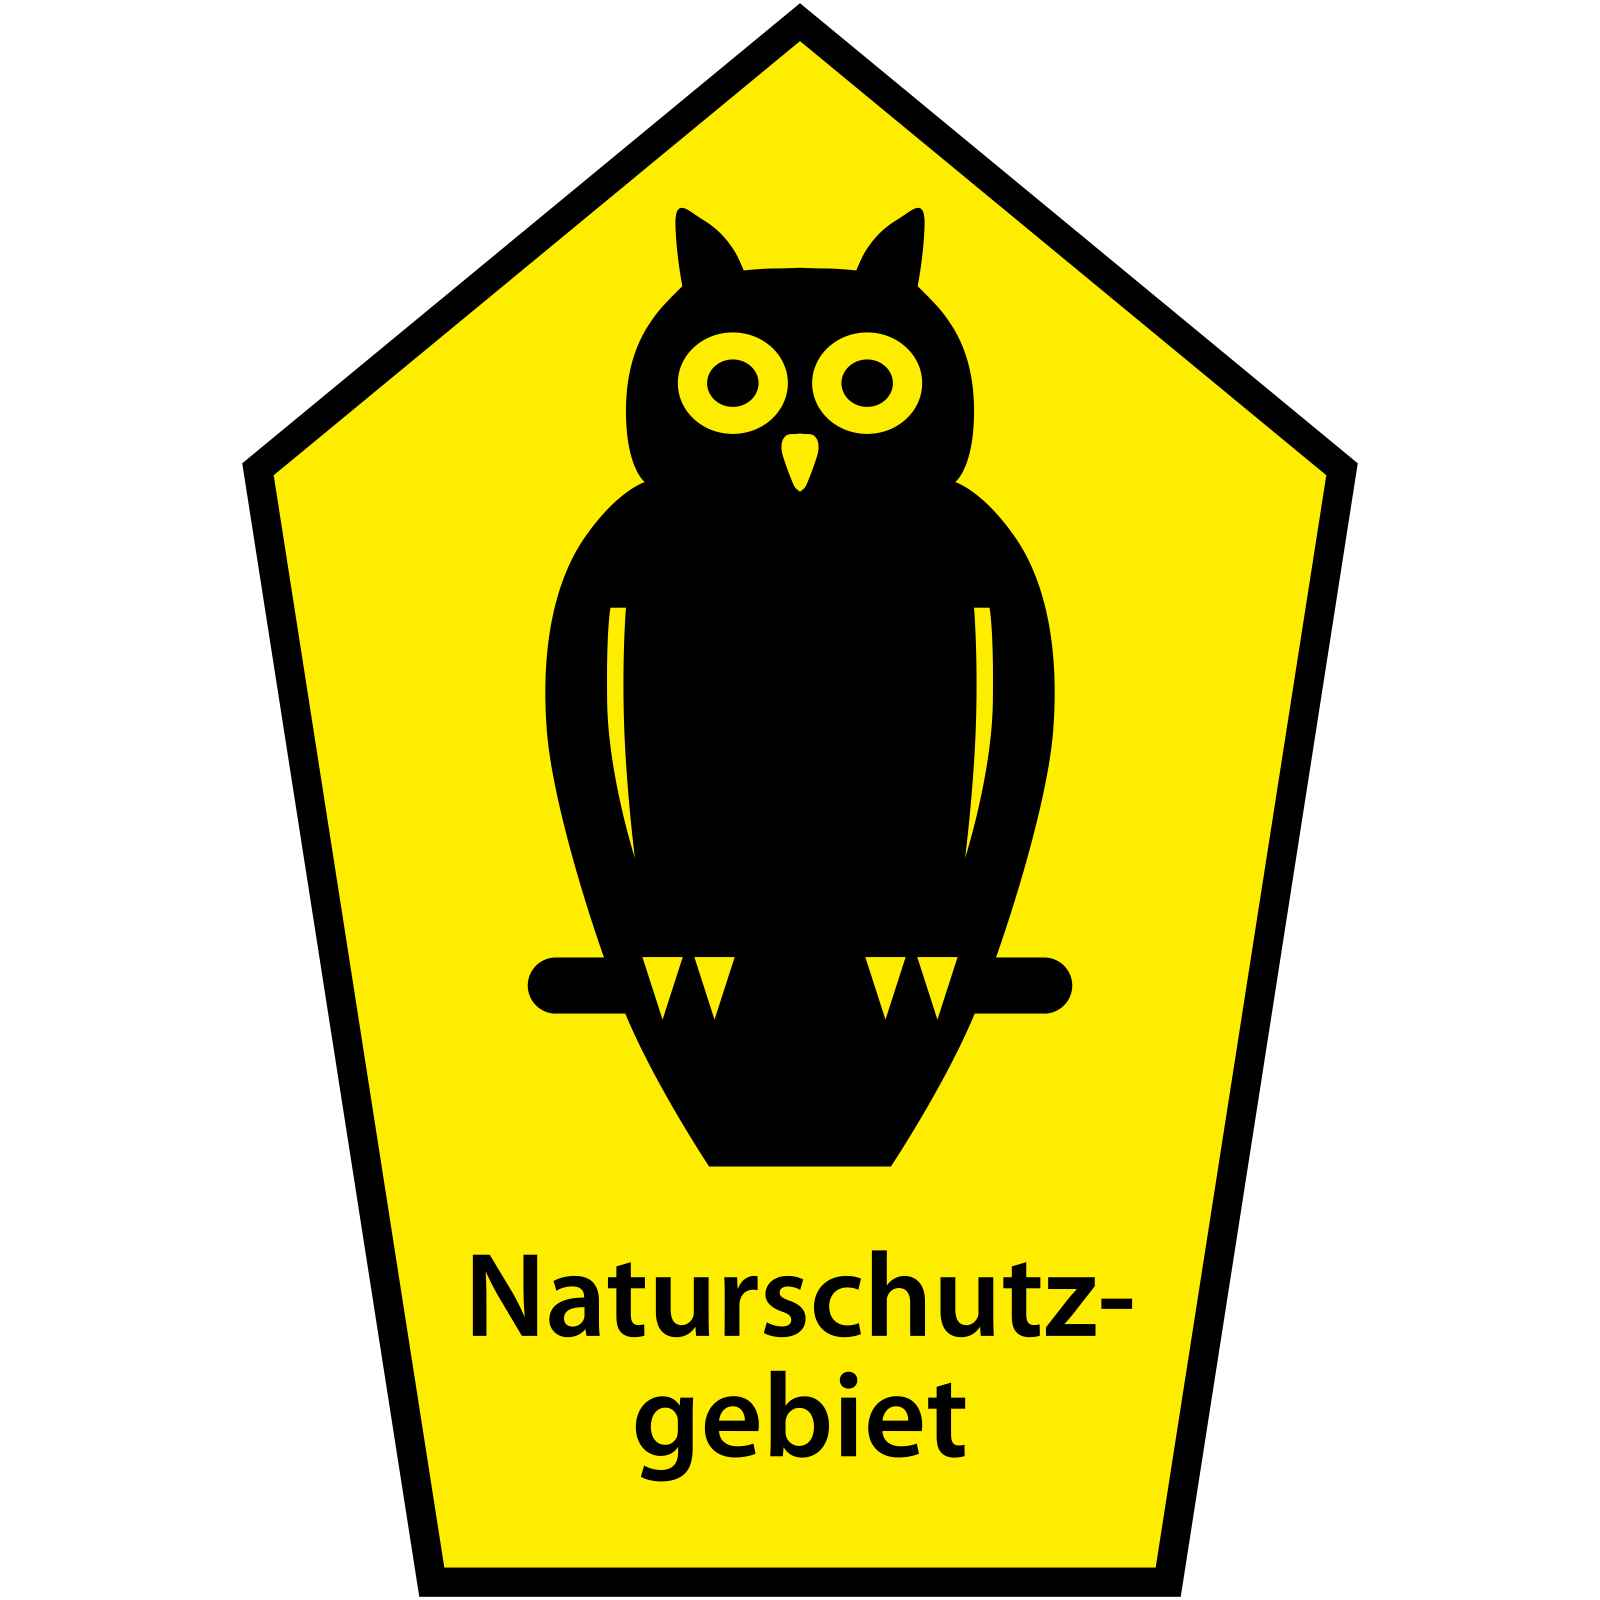 Naturschutzeule